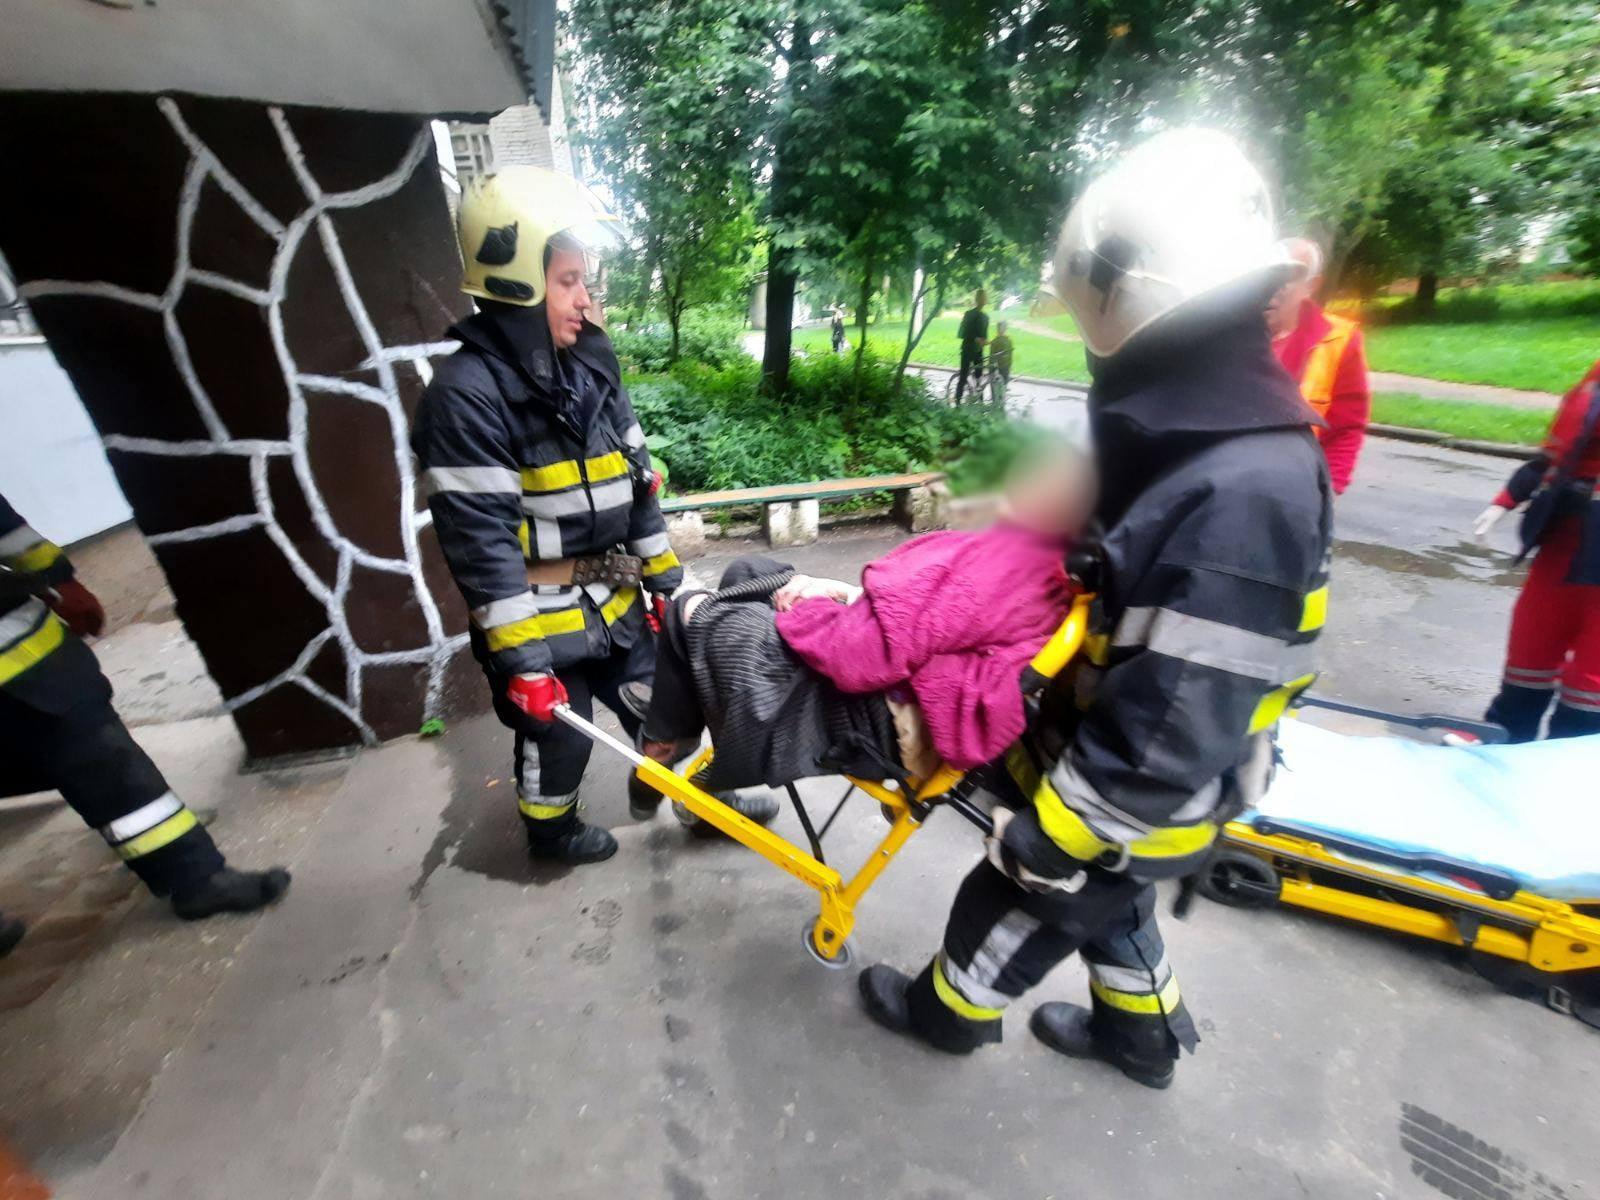 Червоноградські рятувальники допомогли 88-річній бабусі, які не могла самостійно відчинити двері своєї квартири